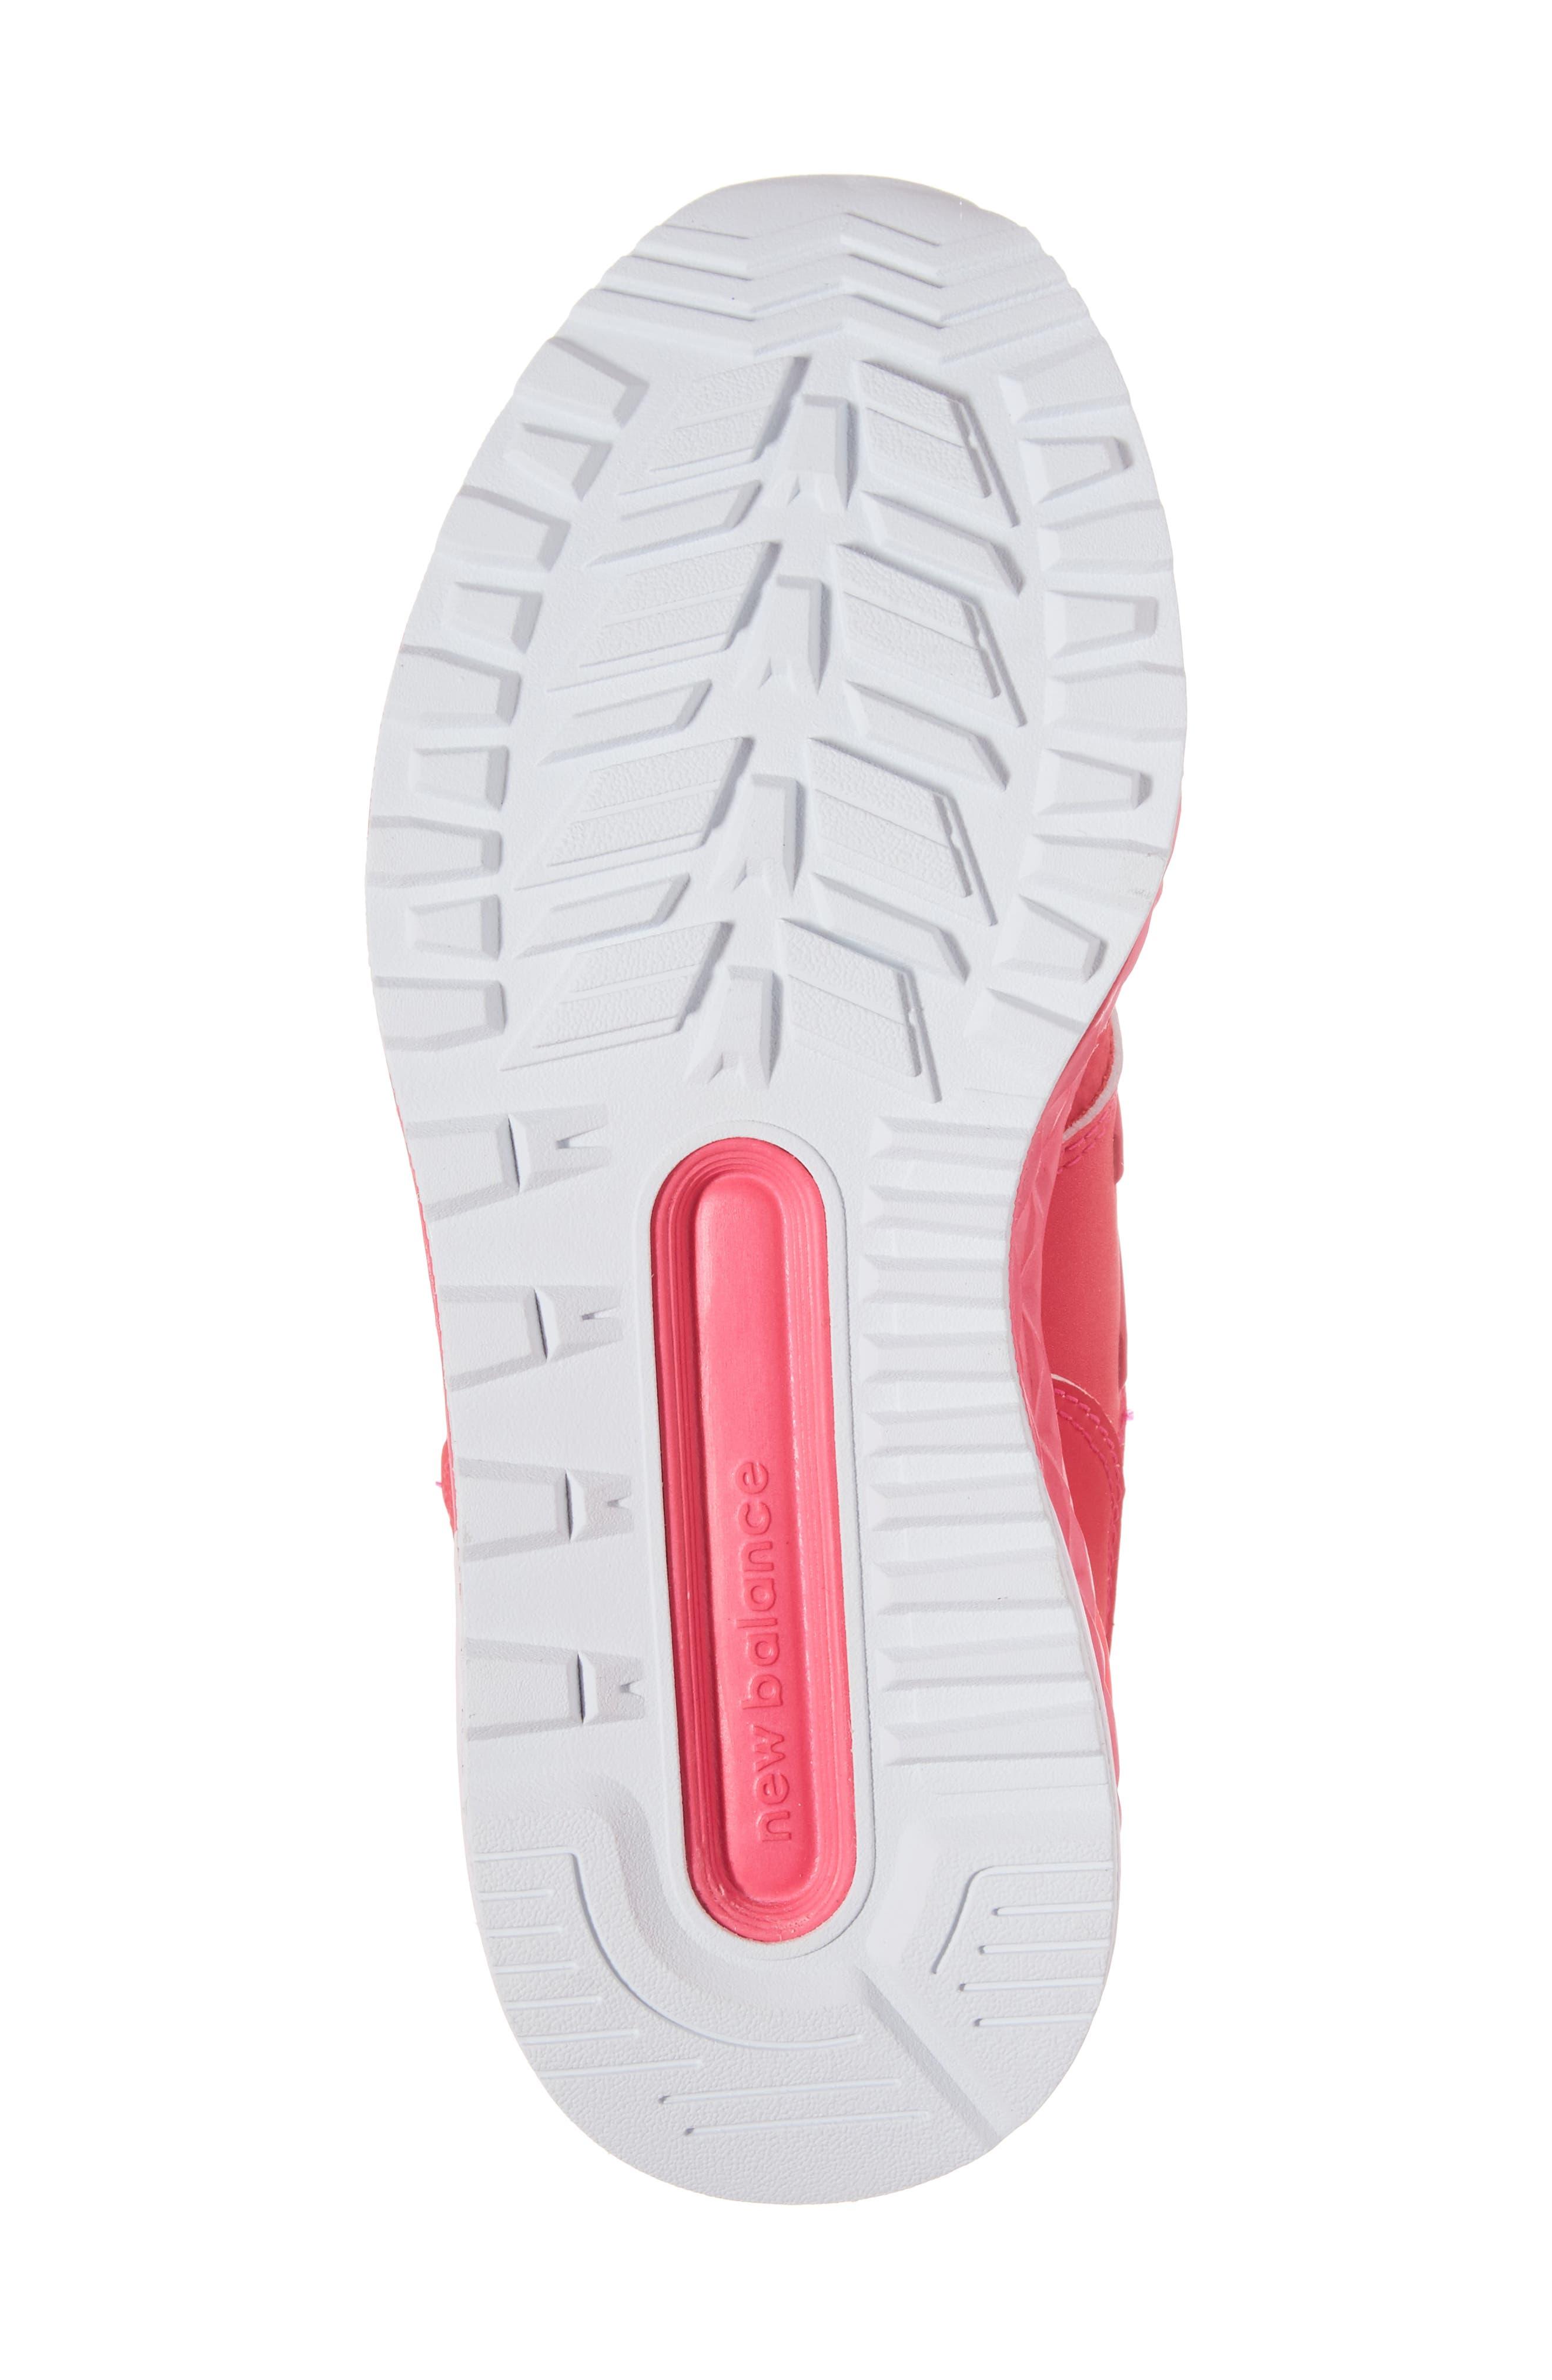 574 v2 Sport Sneaker,                             Alternate thumbnail 6, color,                             660